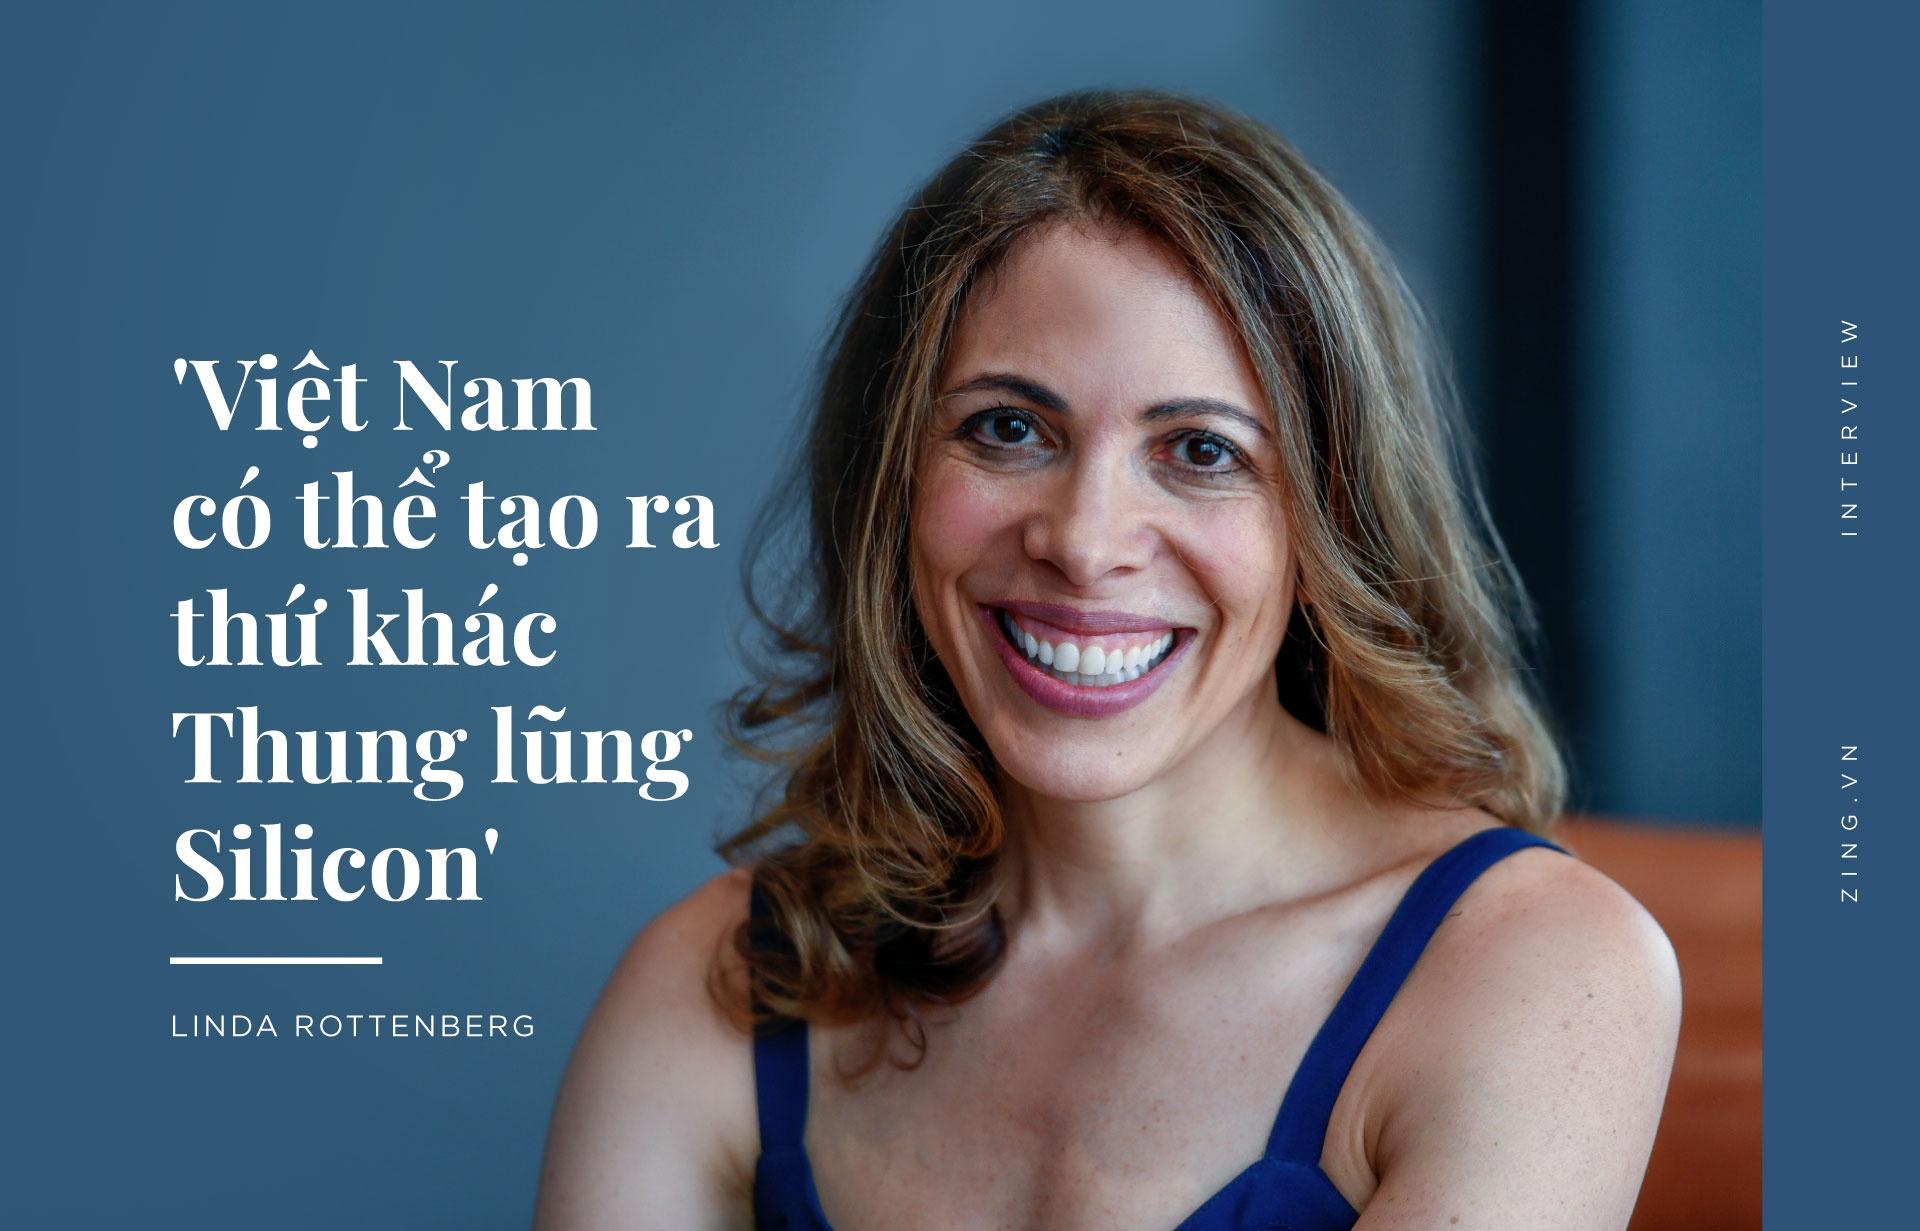 'Sao Viet Nam phai tao ra mot Thung lung Silicon nua?' hinh anh 2